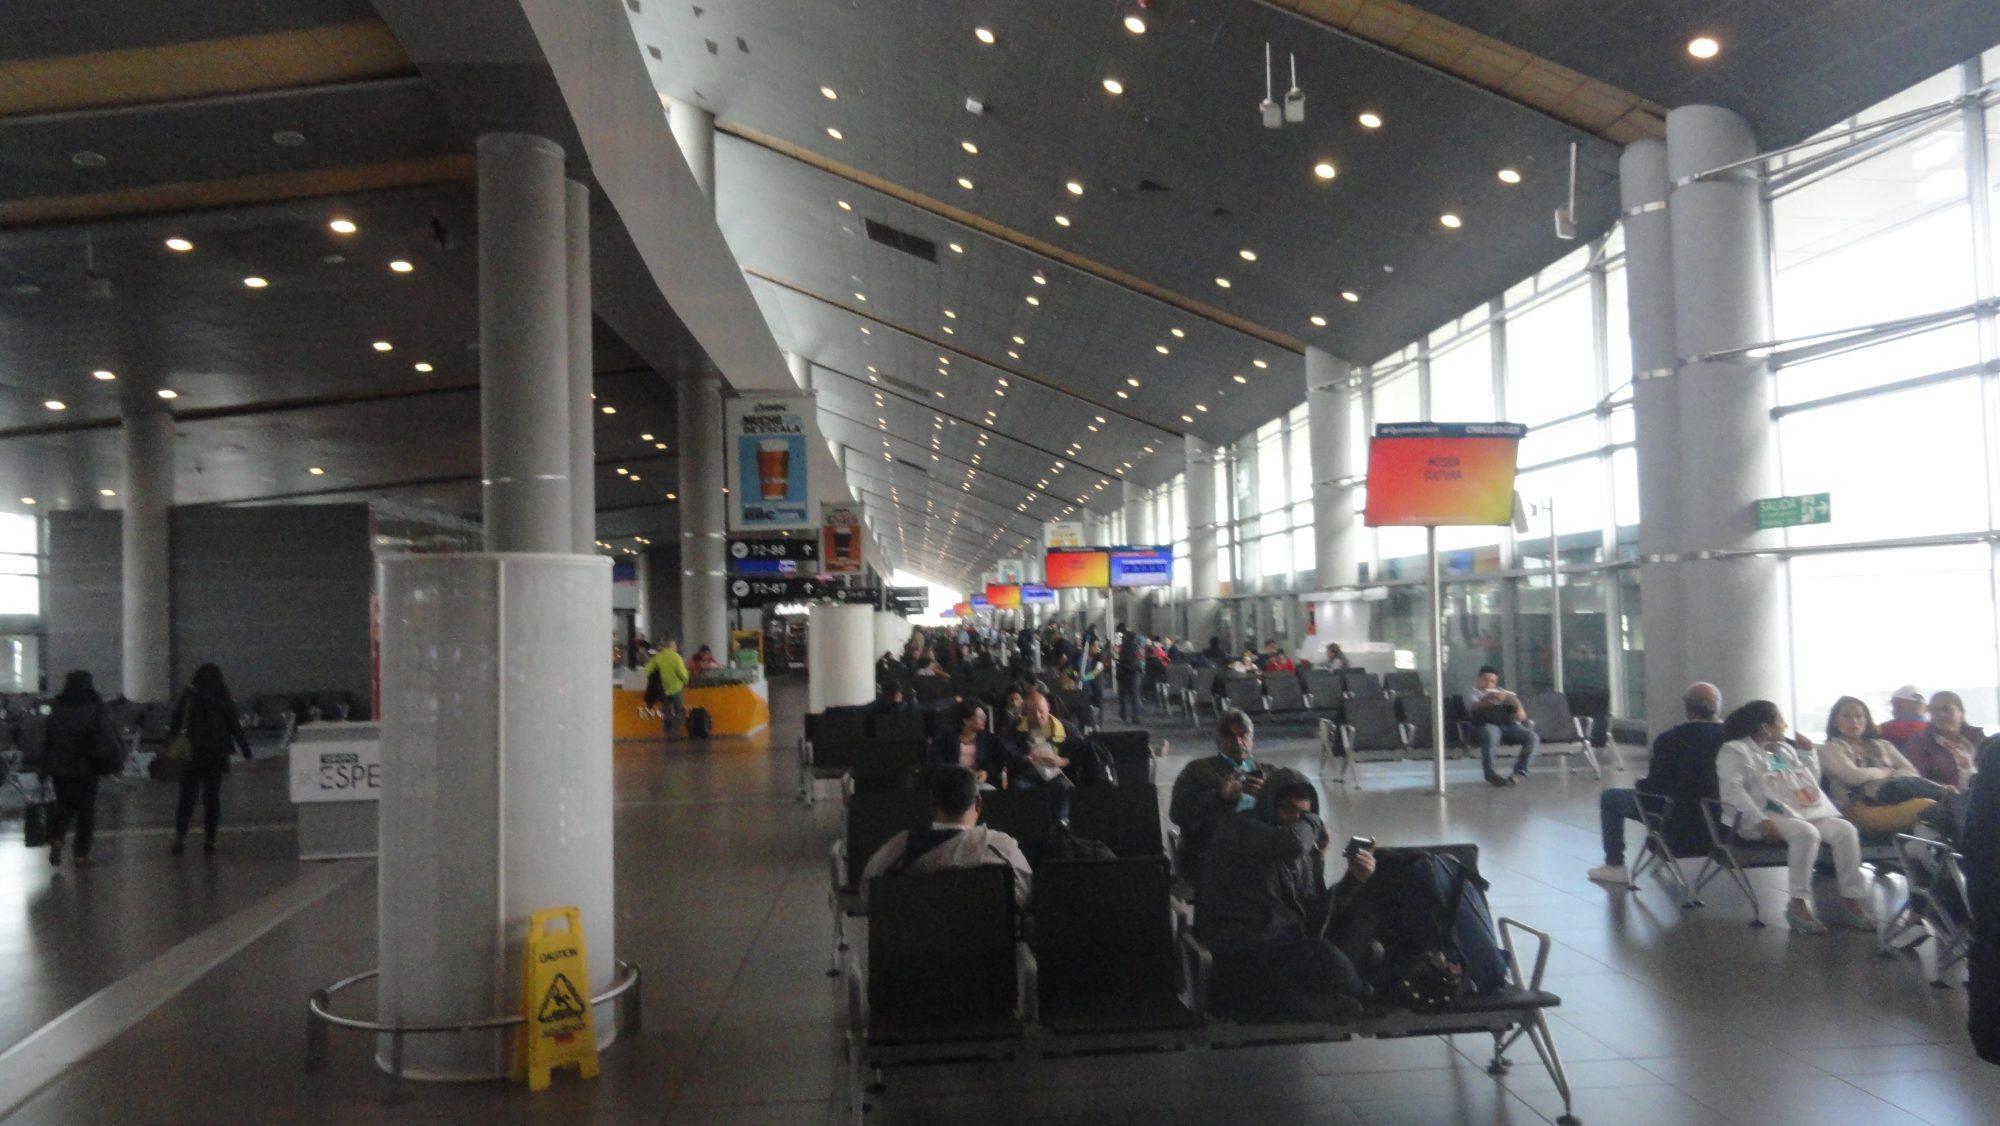 """Portão sala espera Aeropuerto """"El Dorado"""" Bogotá Colômbia 5"""